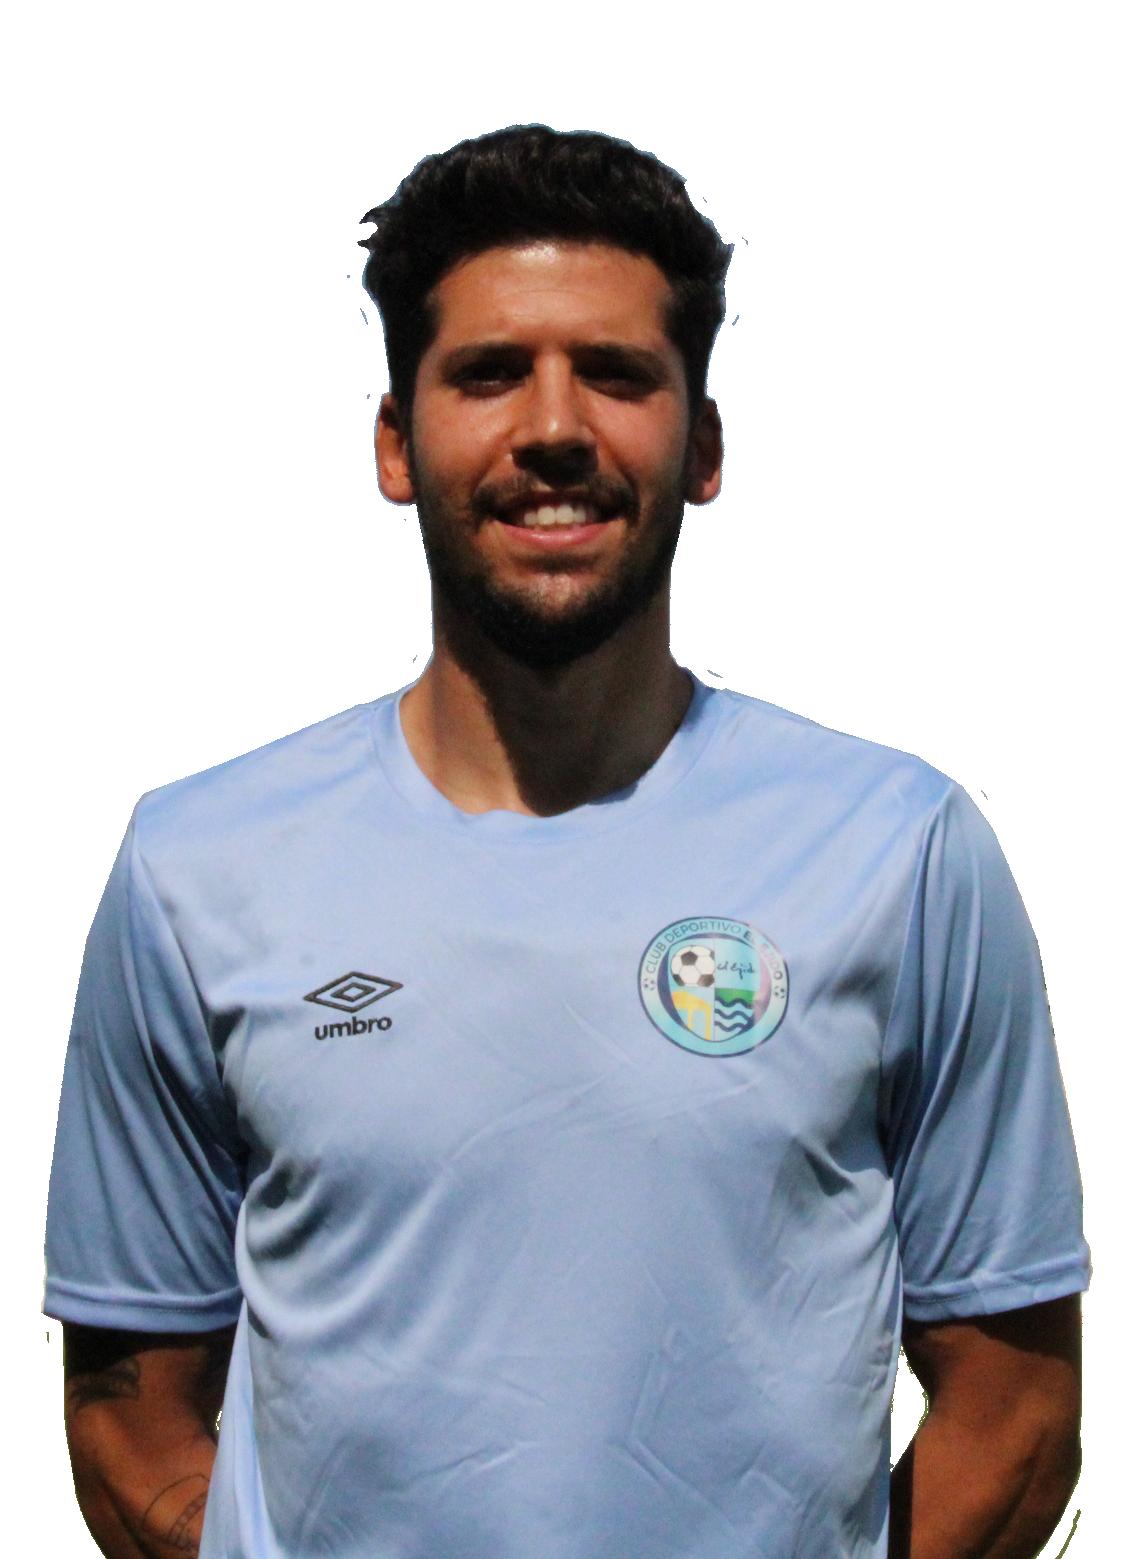 José María Barril Aguado